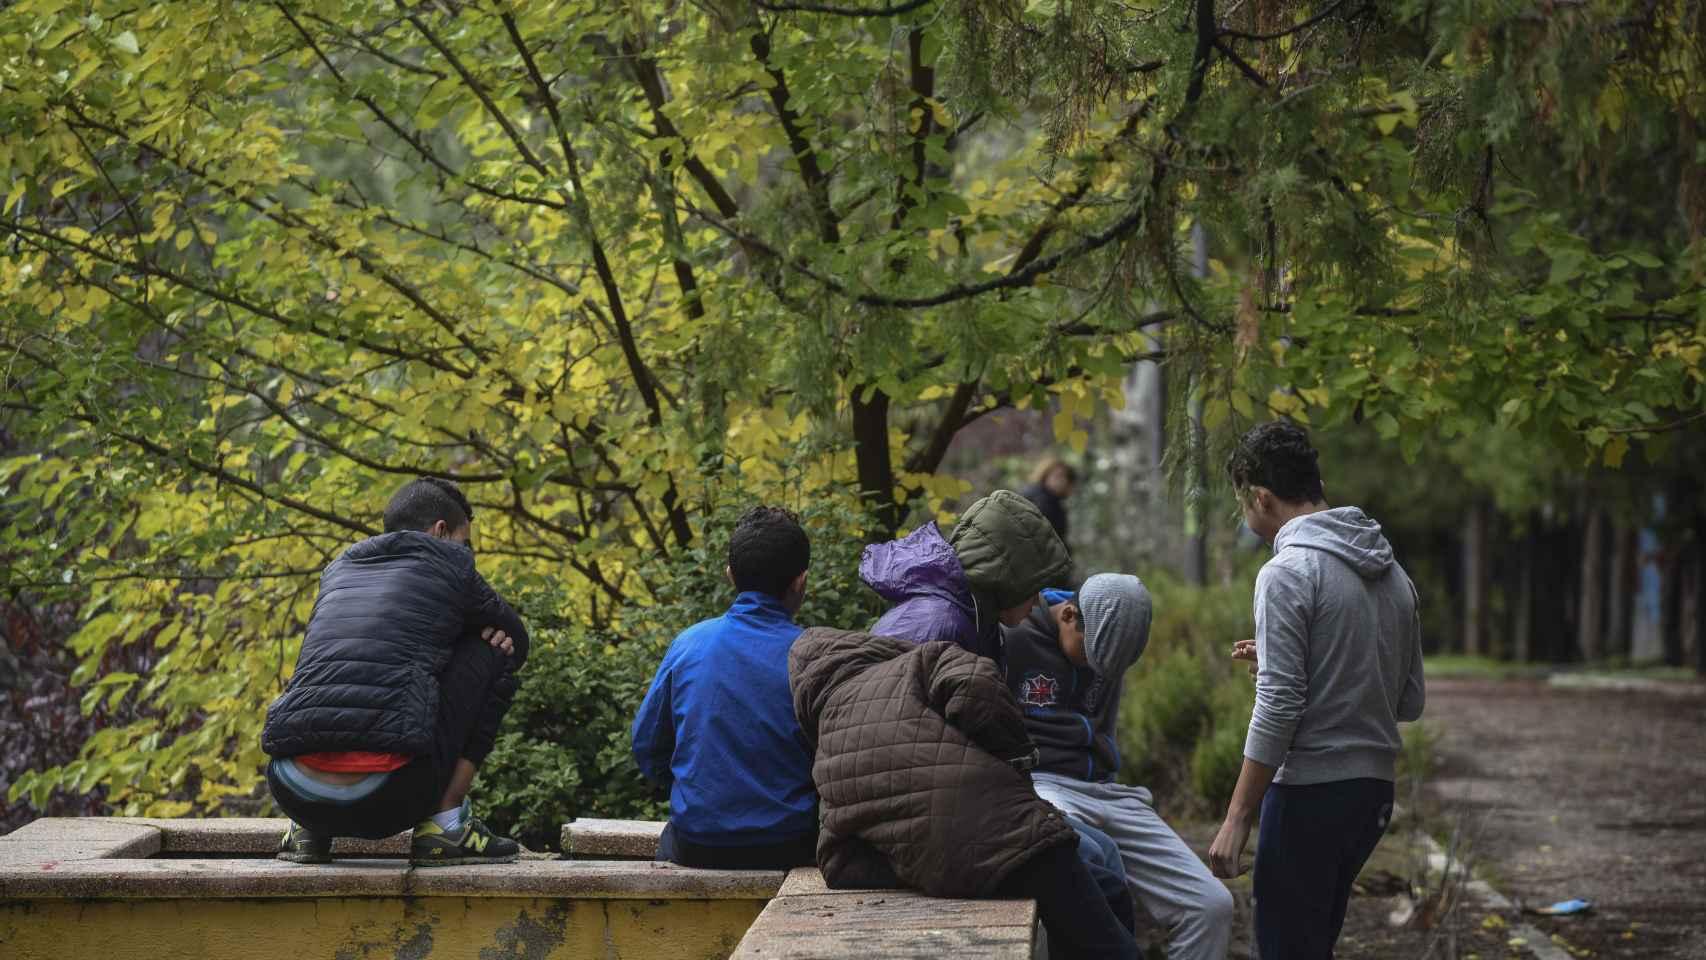 Algunos de los menores que viven en el parque.